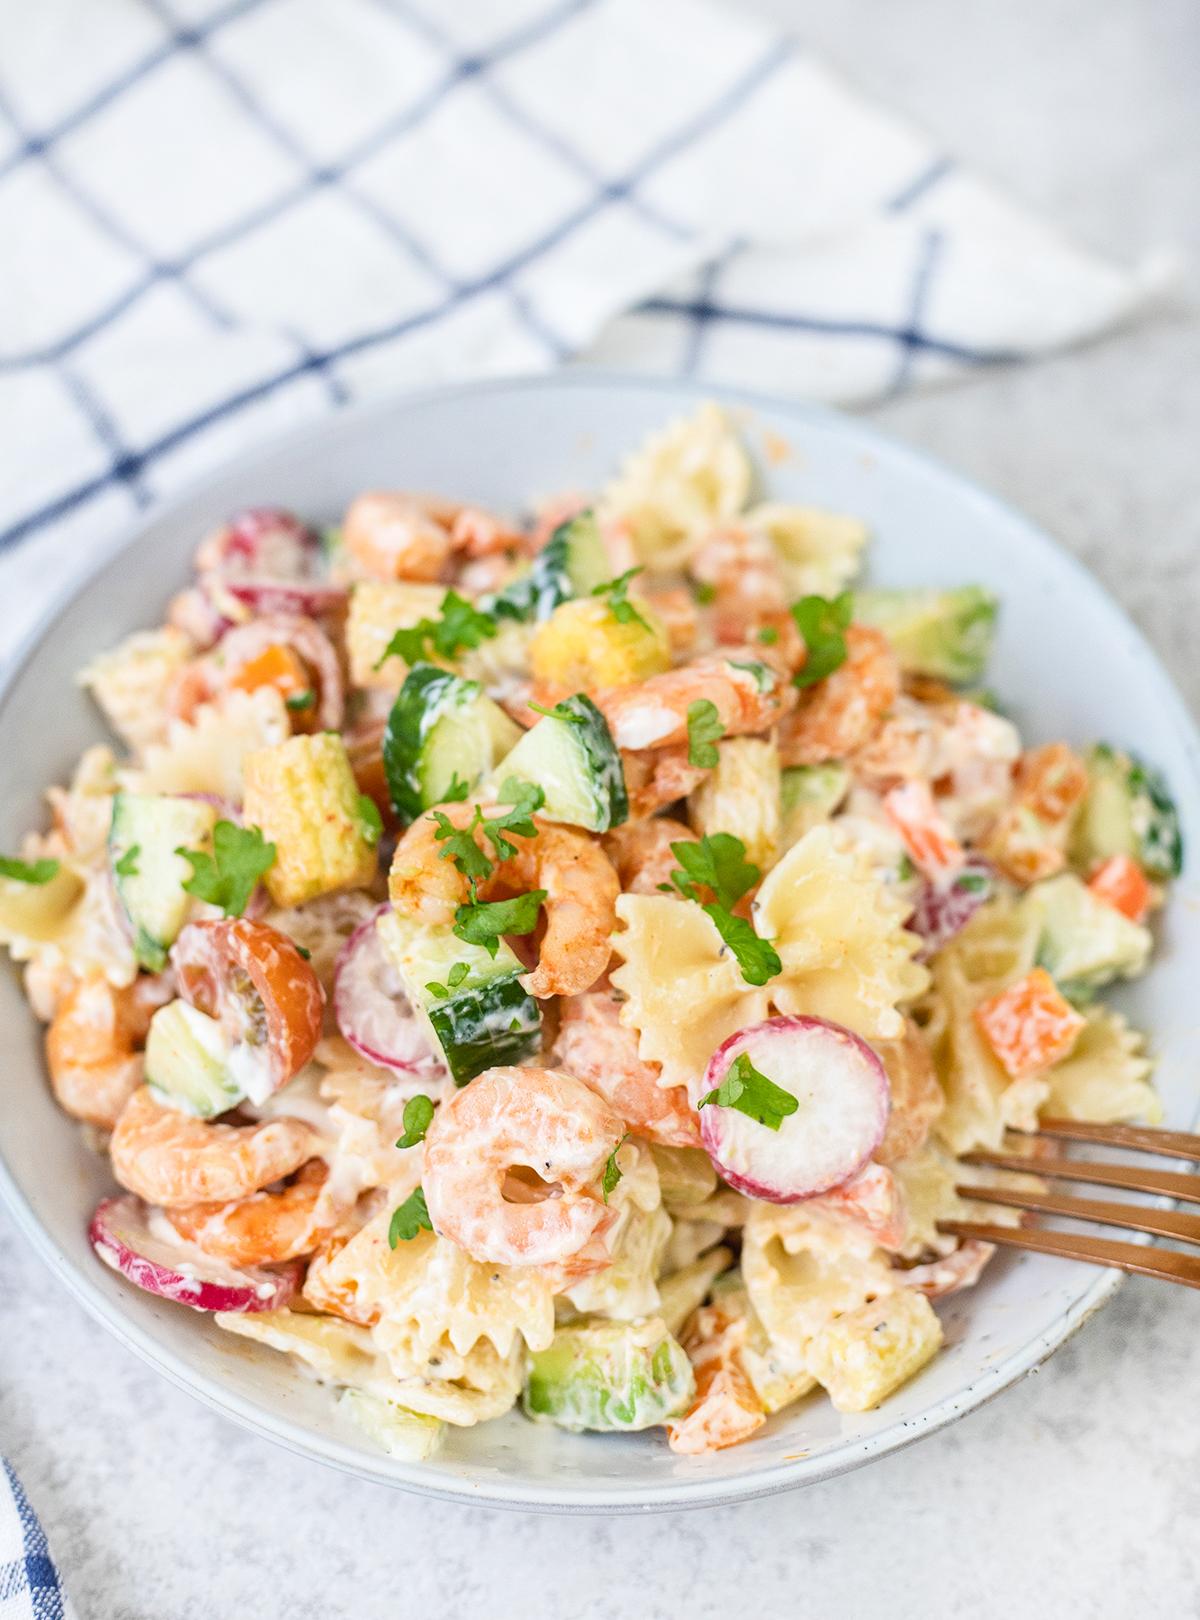 dish full of salad